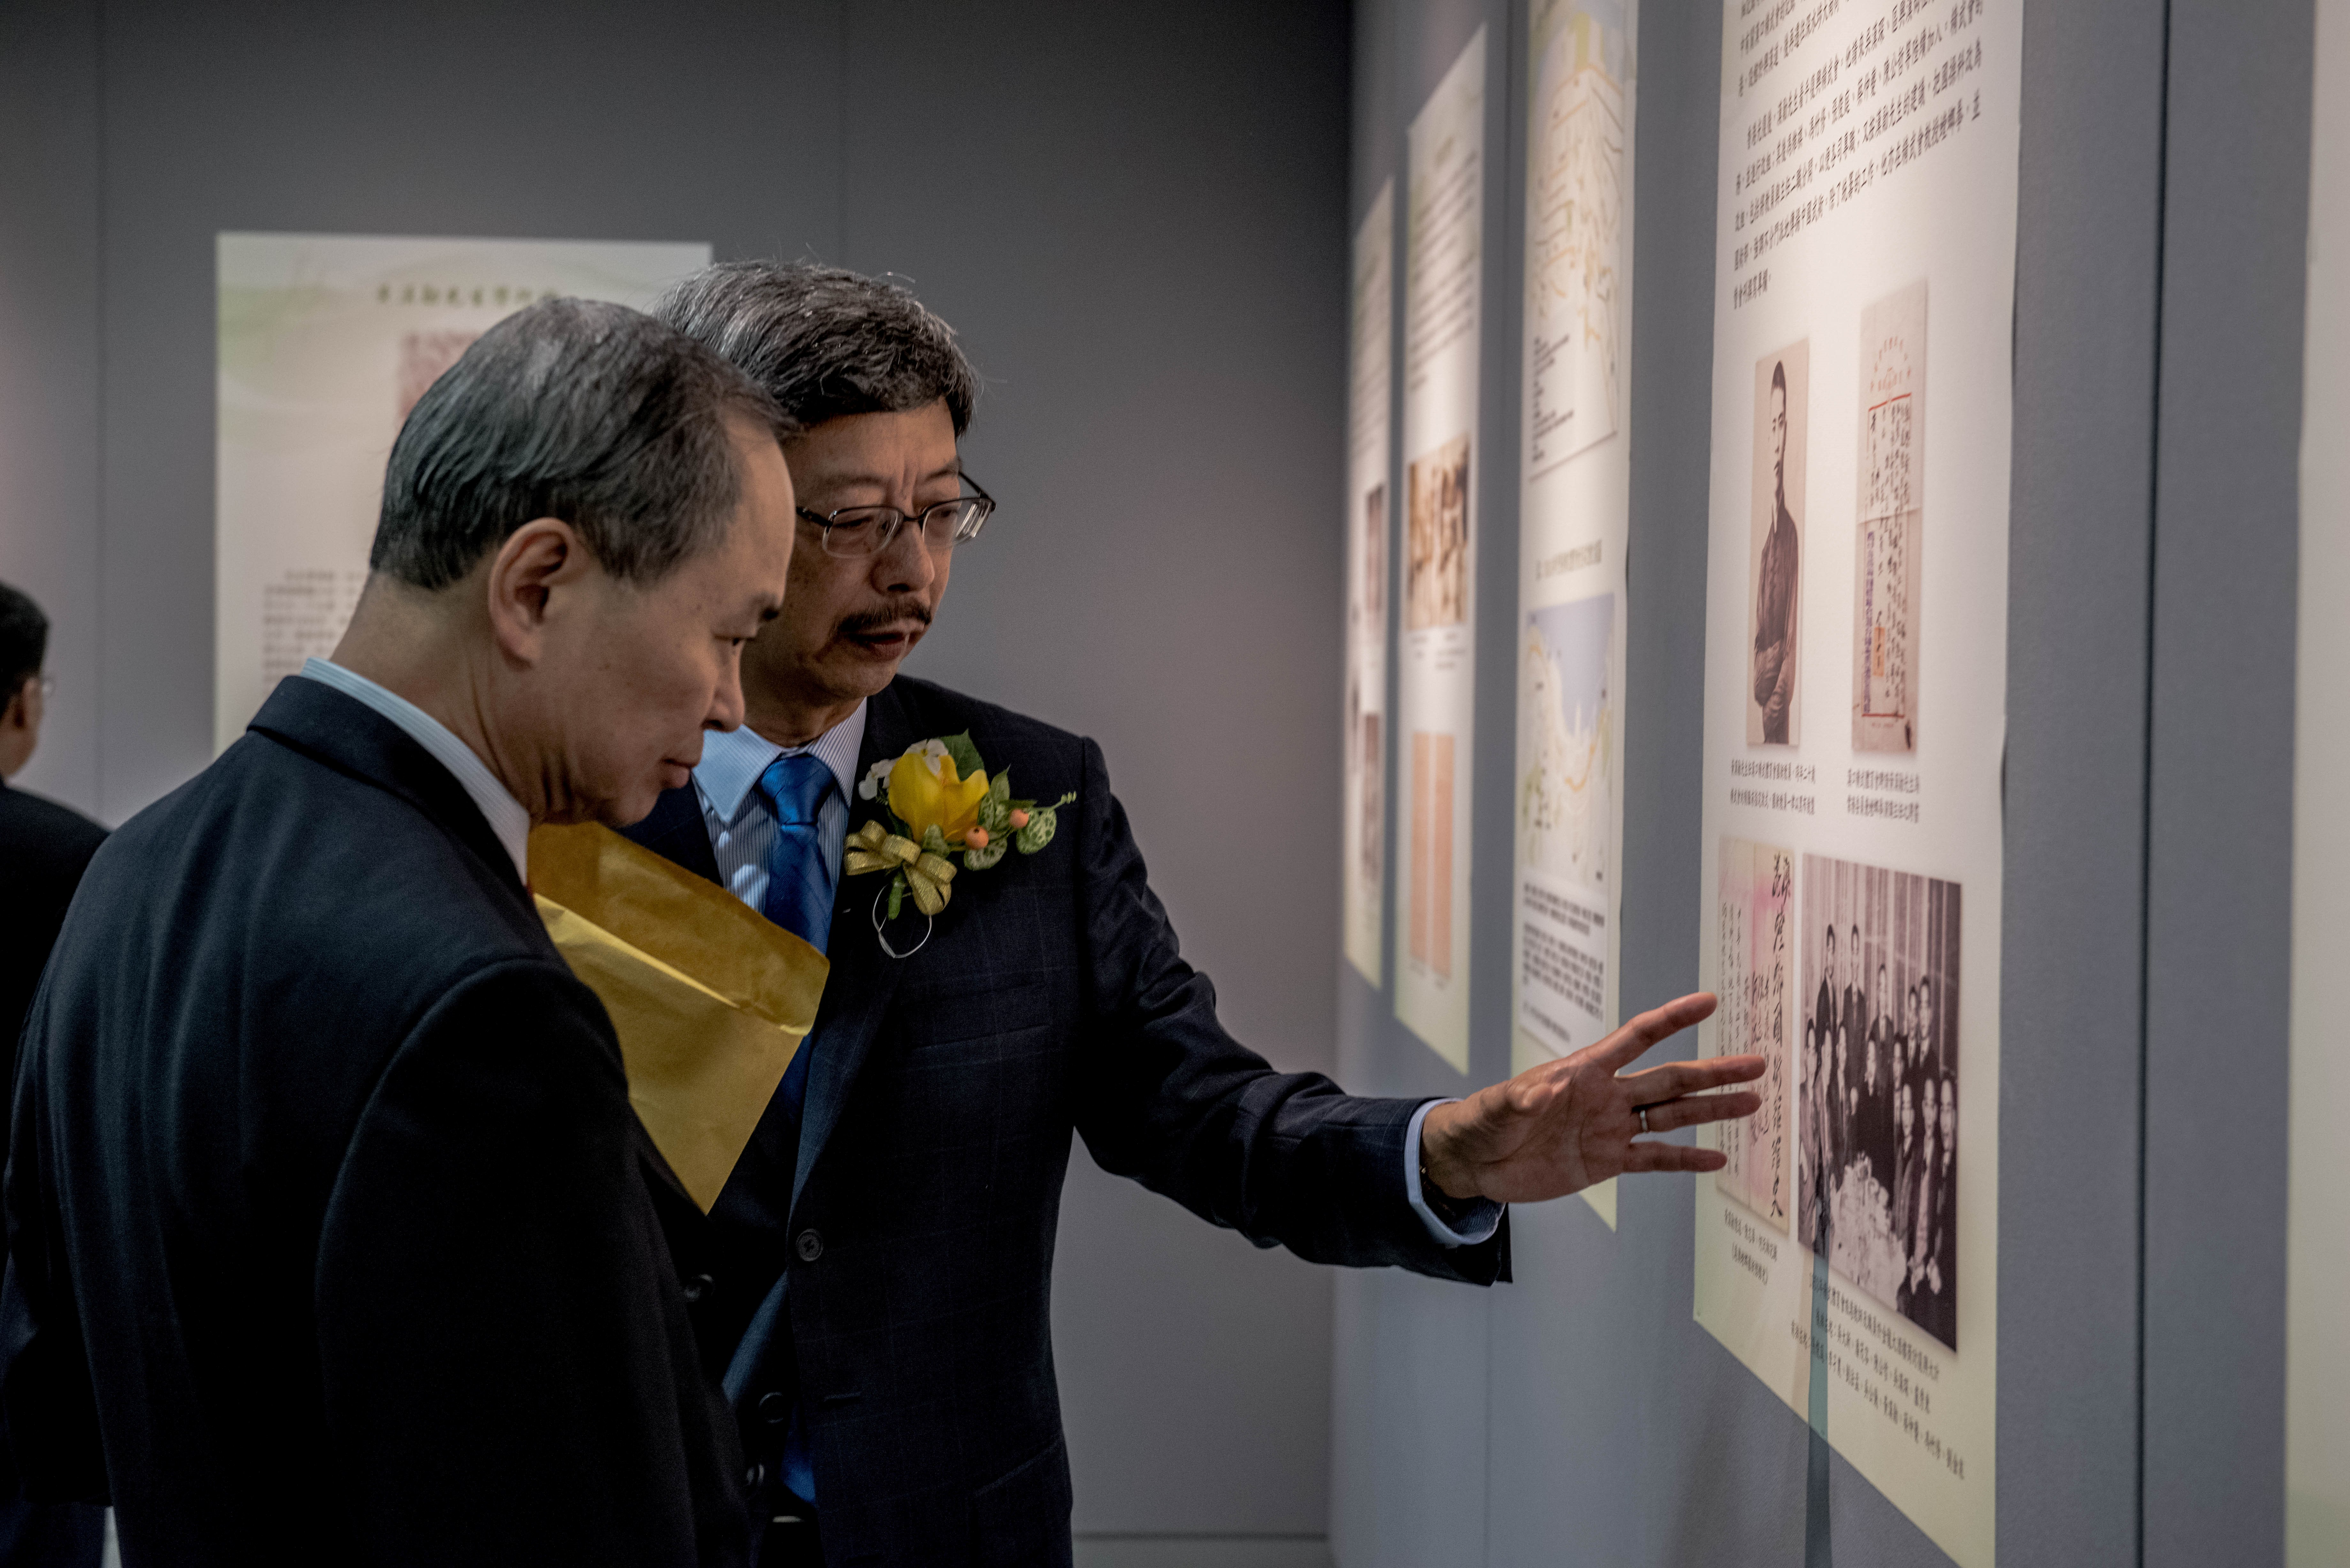 黃鵬英先生為霍泰輝教授致介紹展覽內容